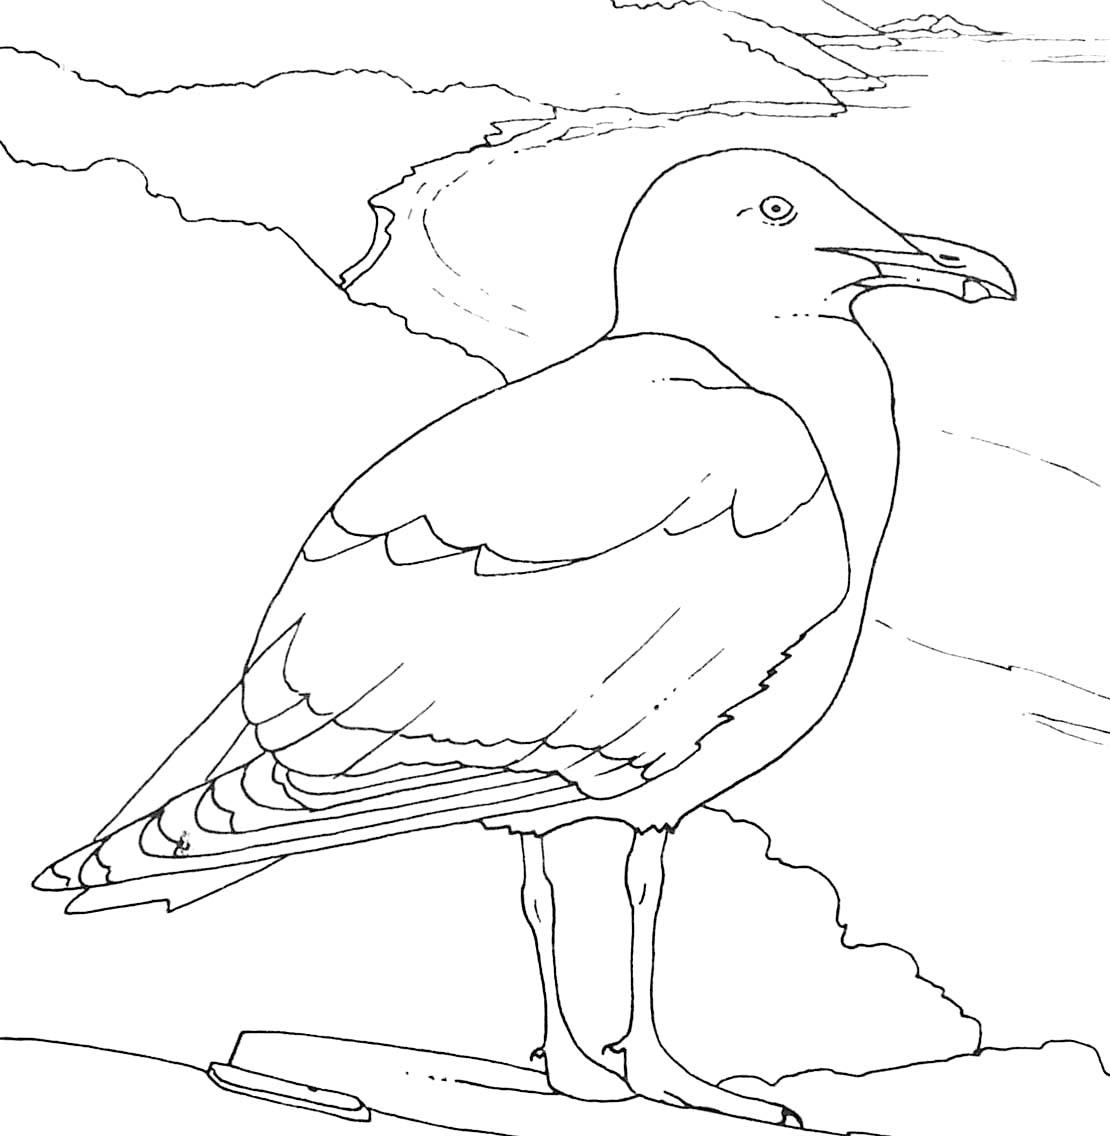 Dessin de oiseau à colorier et imprimer